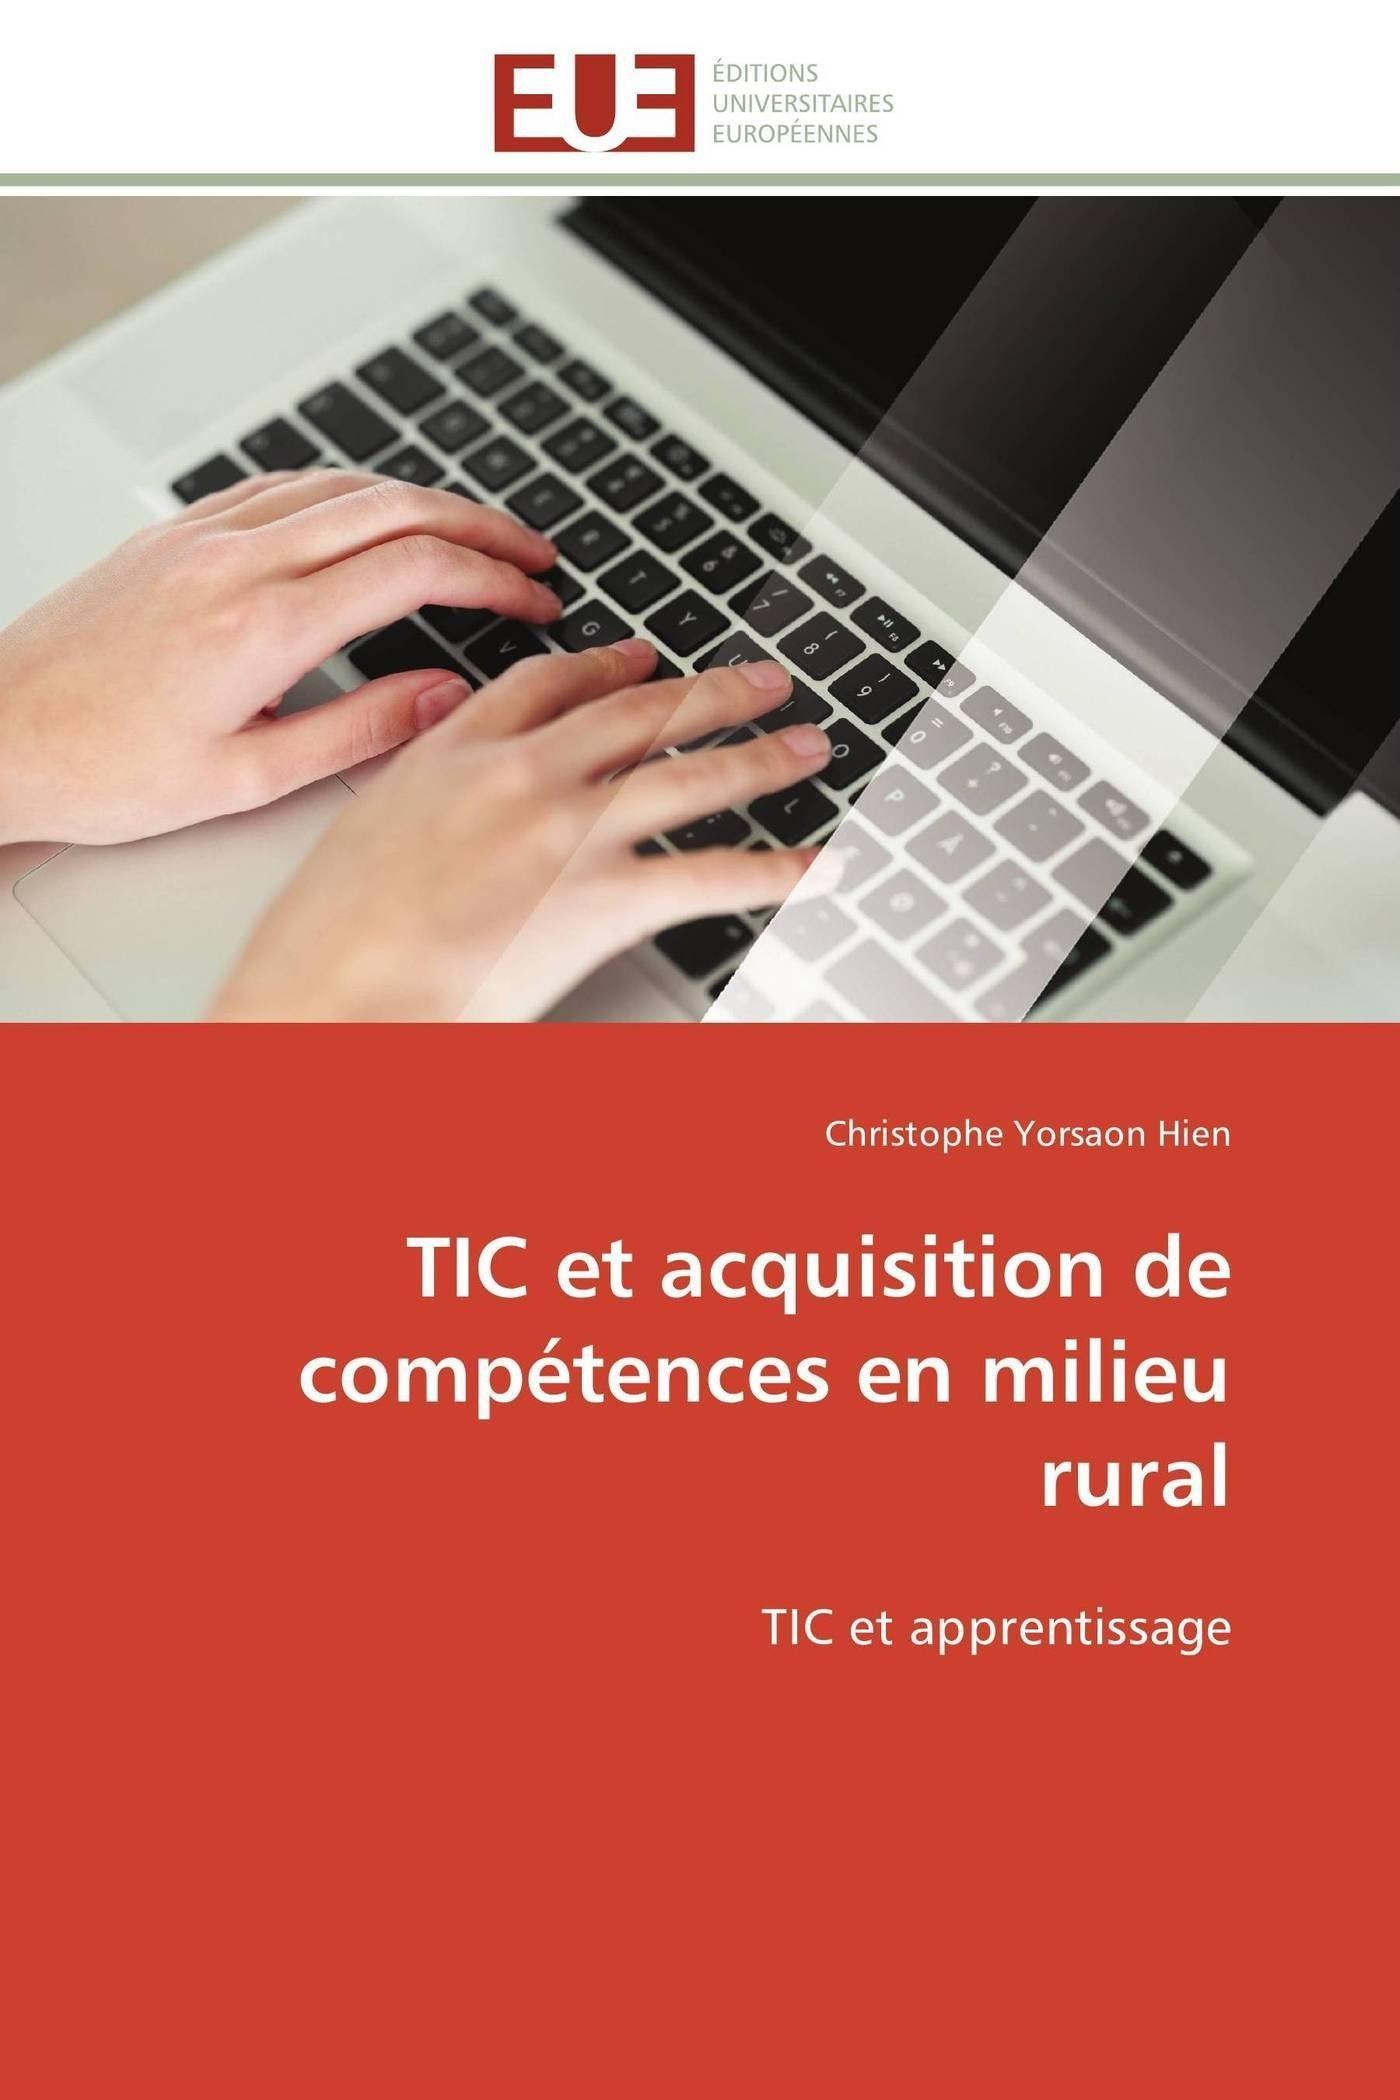 Download TIC et acquisition de compétences en milieu rural: TIC et apprentissage (Omn.Univ.Europ.) (French Edition) pdf